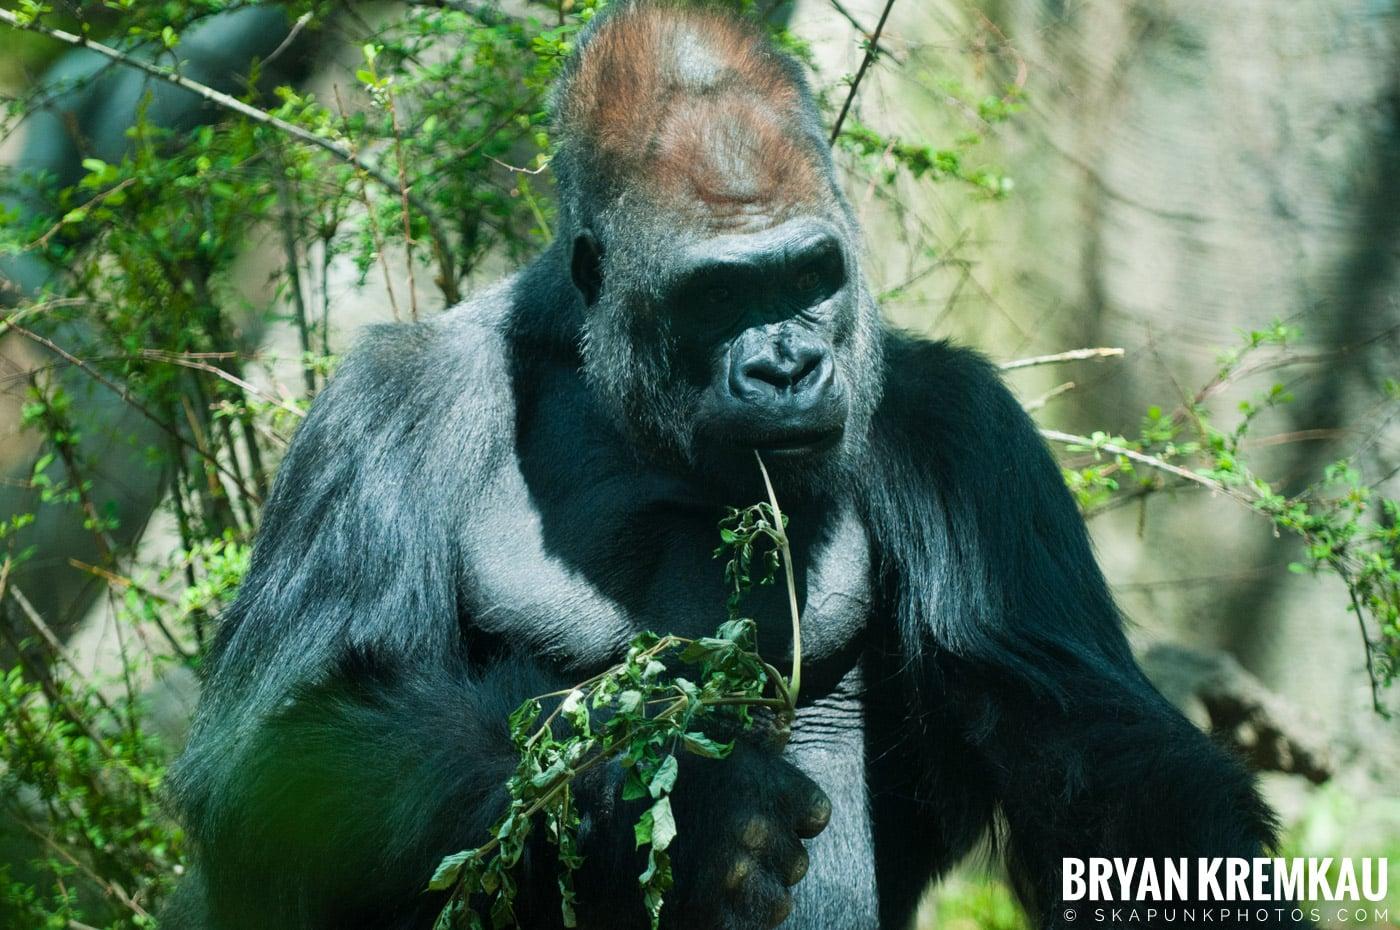 The Bronx Zoo @ Bronx, NYC - 5.7.11 (32)